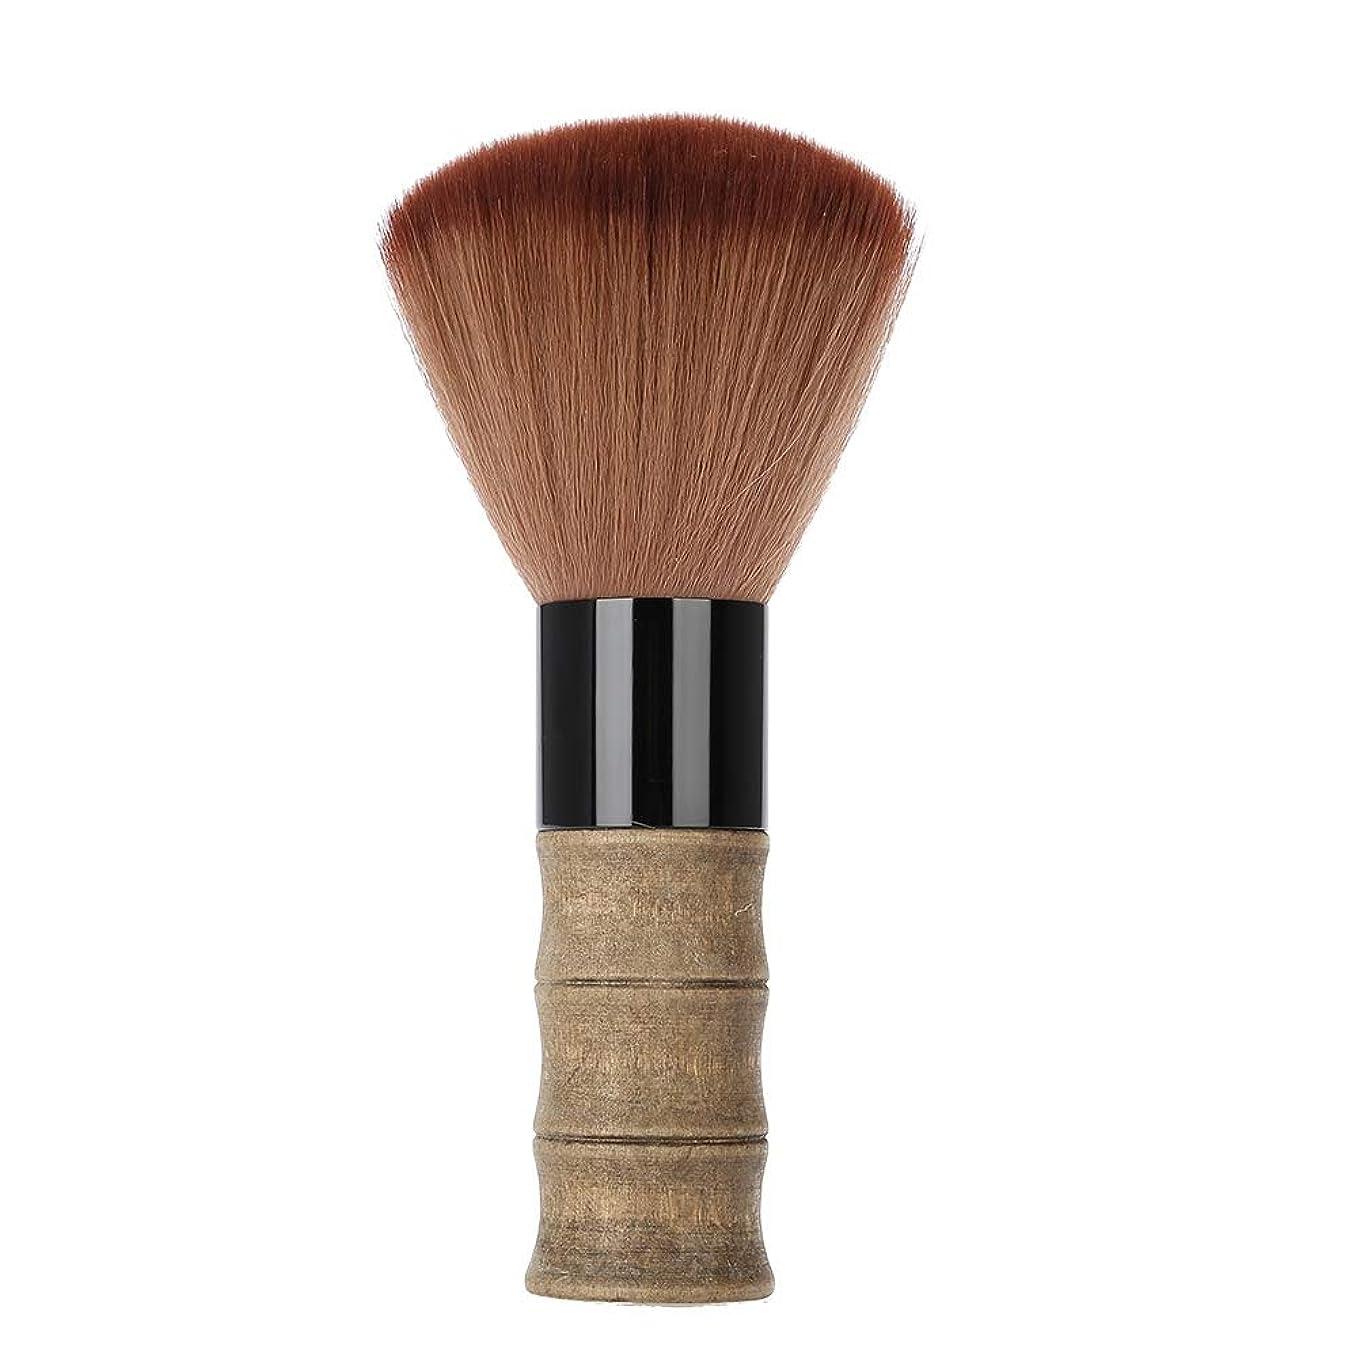 過ち怒る博物館ヘアブラシ ヘアカット ヘアスポンジ ネック理髪店 掃除前髪 美容院 家用 携帯用